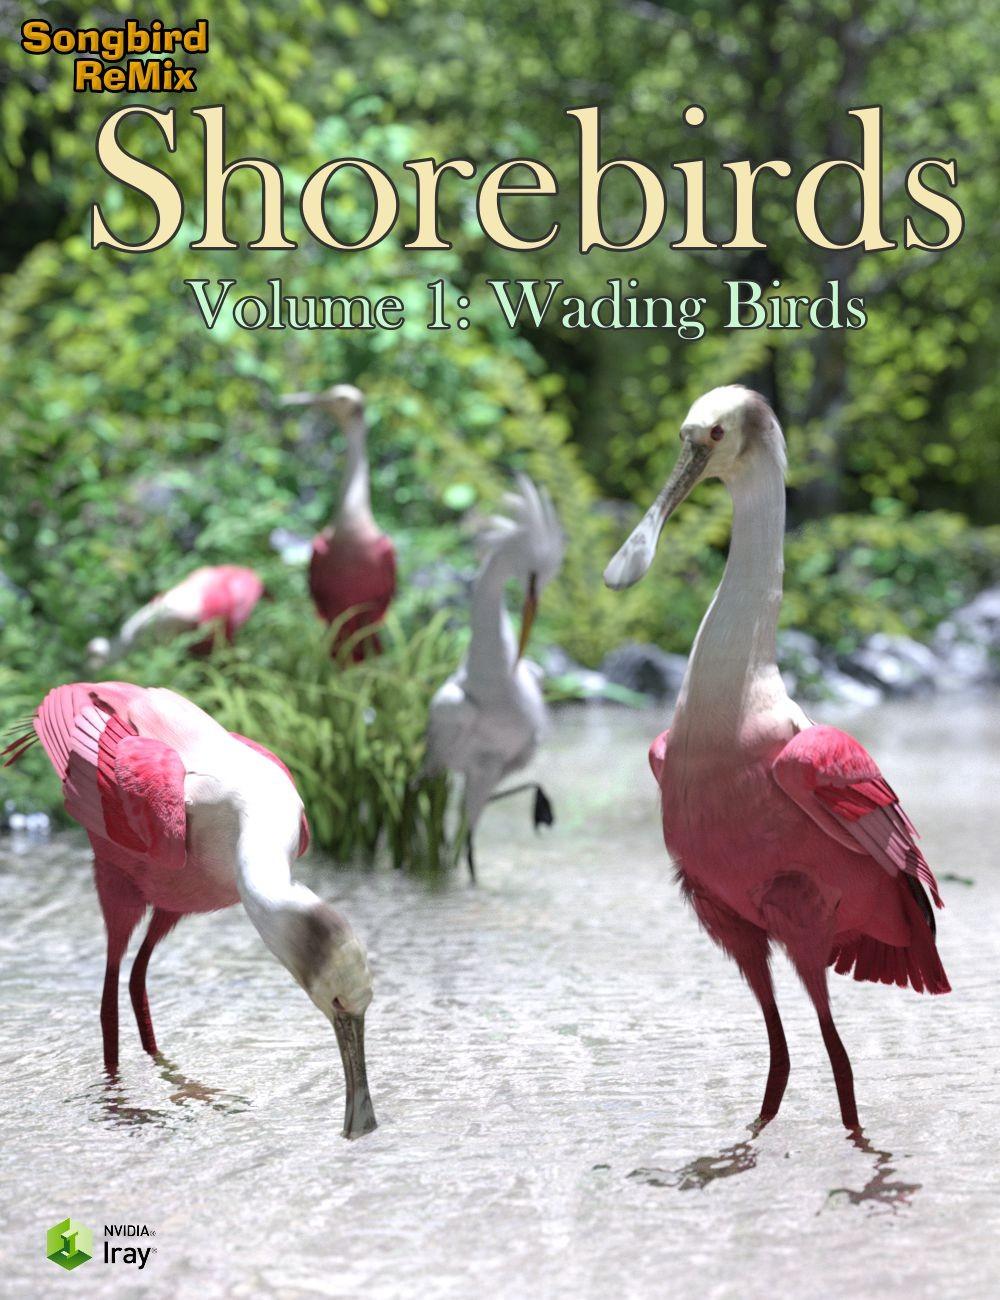 10084-sbrm-shorebirds-vol-1-wading-birds-main.jpg